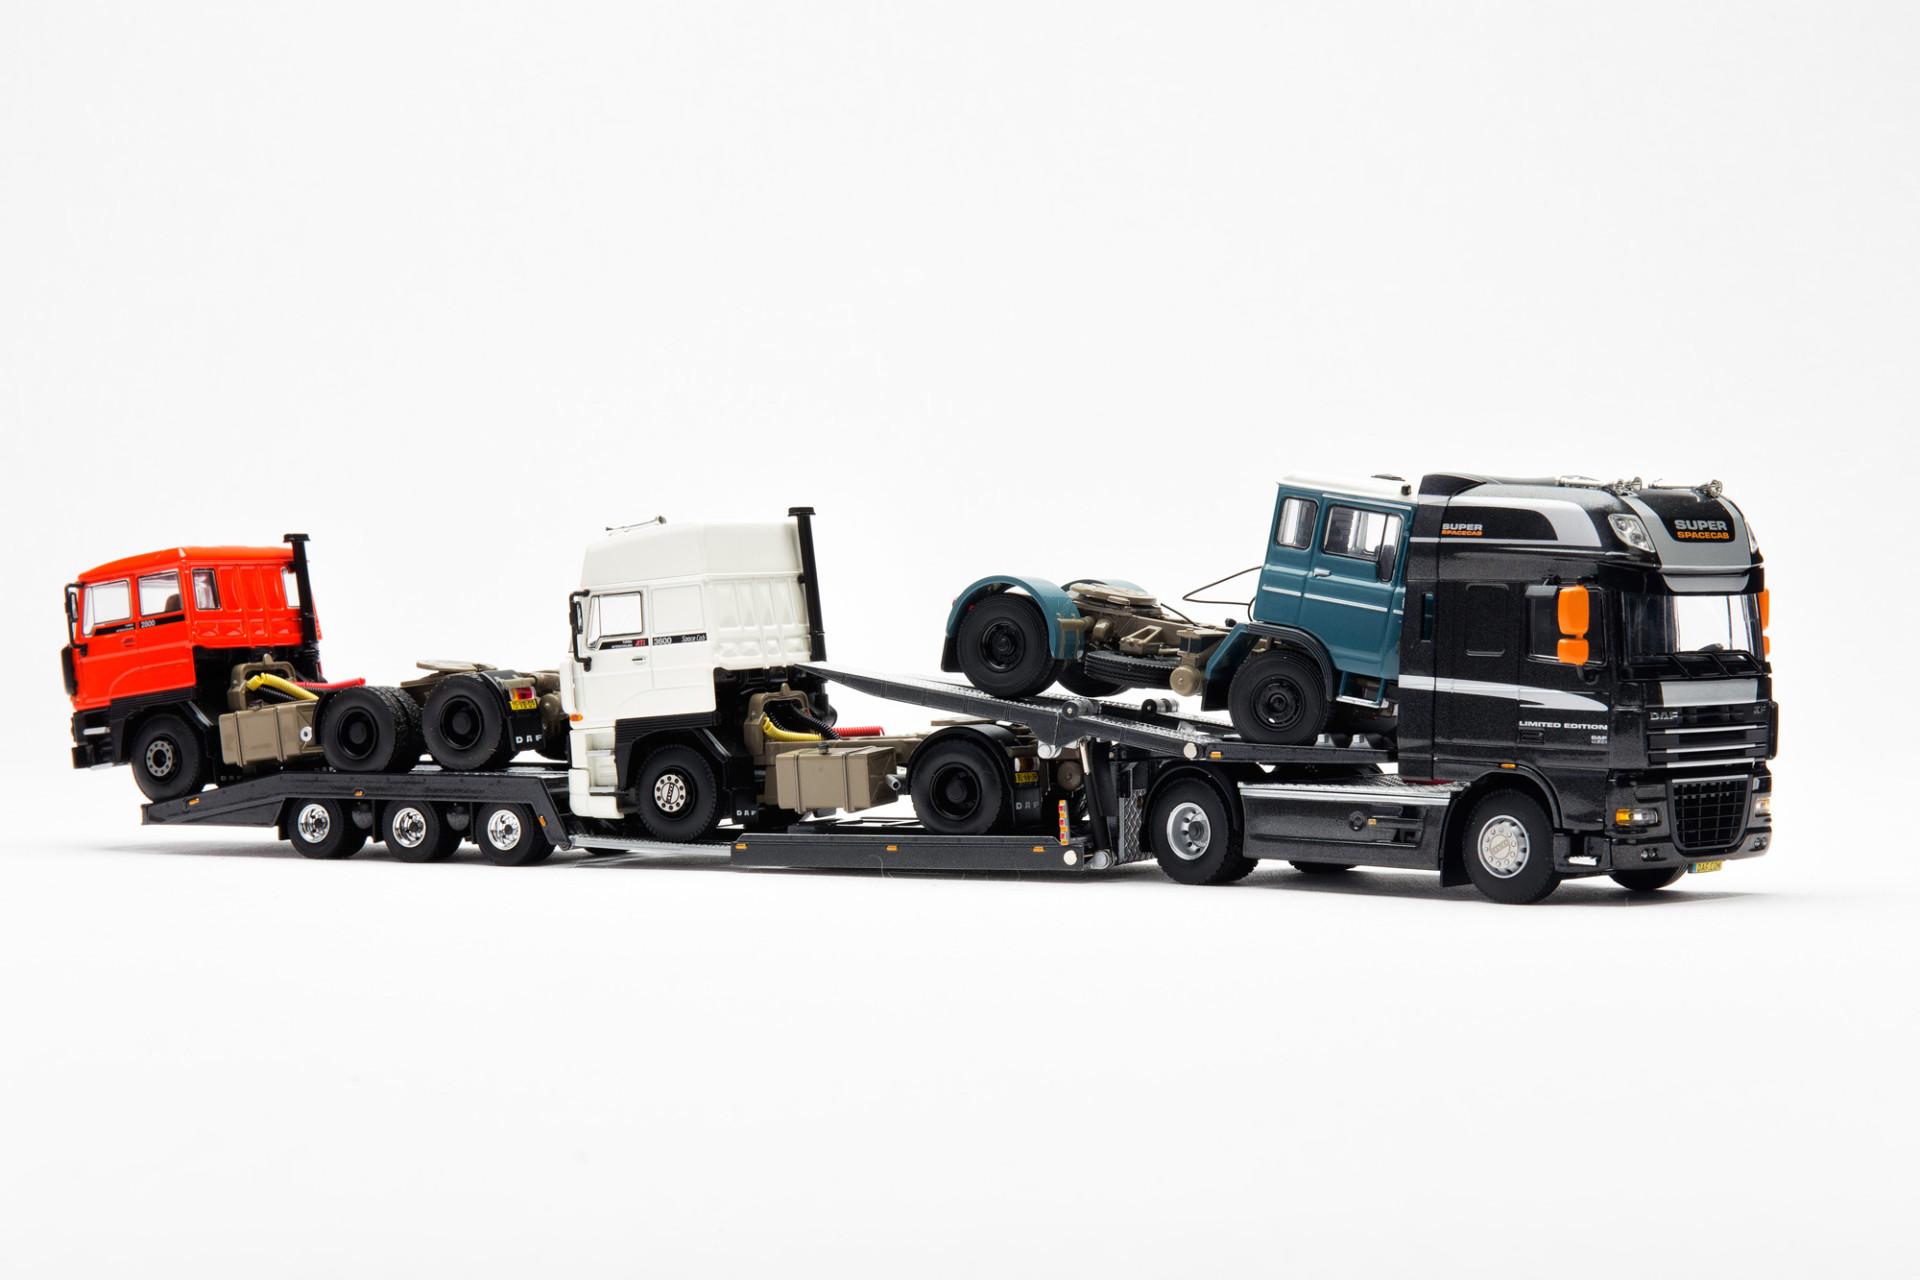 Trucks_2014-05-17_309-web